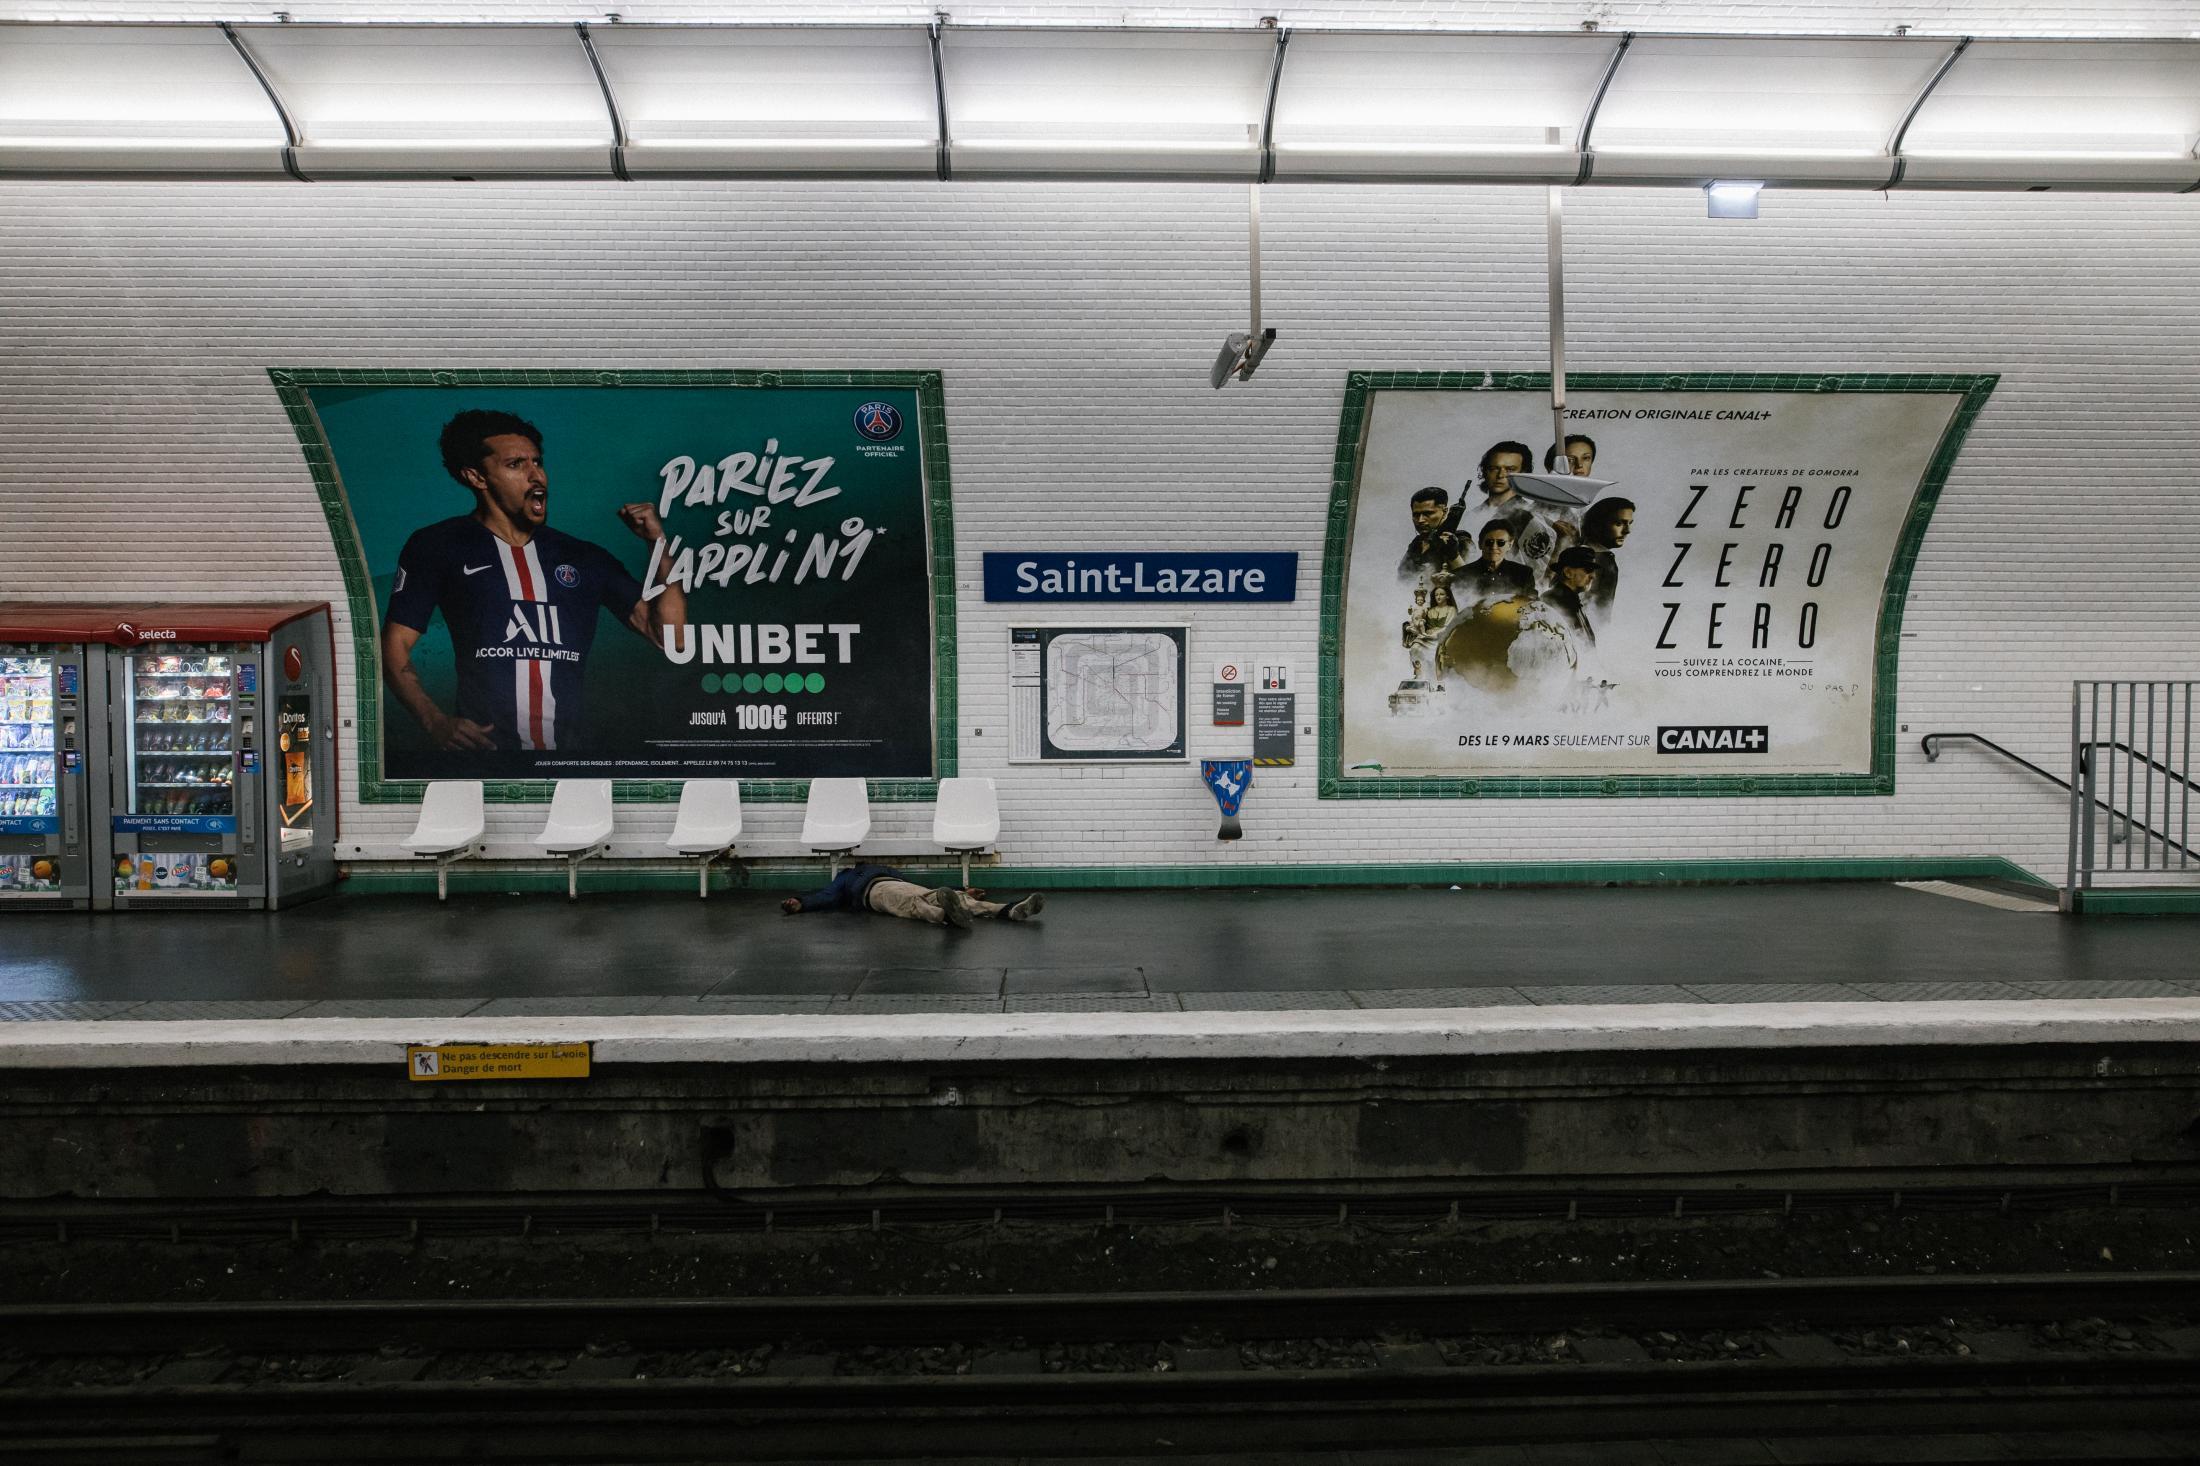 Paris, gare Saint Lazare, le 5 avril 2020. Un sdf dort sur le quai vide. Avec le confinement, les sdf n'ont presque plus de revenus et ont de grandes difficultés à se nourrir. L'homme va se réveiller quelques minutes plus tard et monter dans le métro.